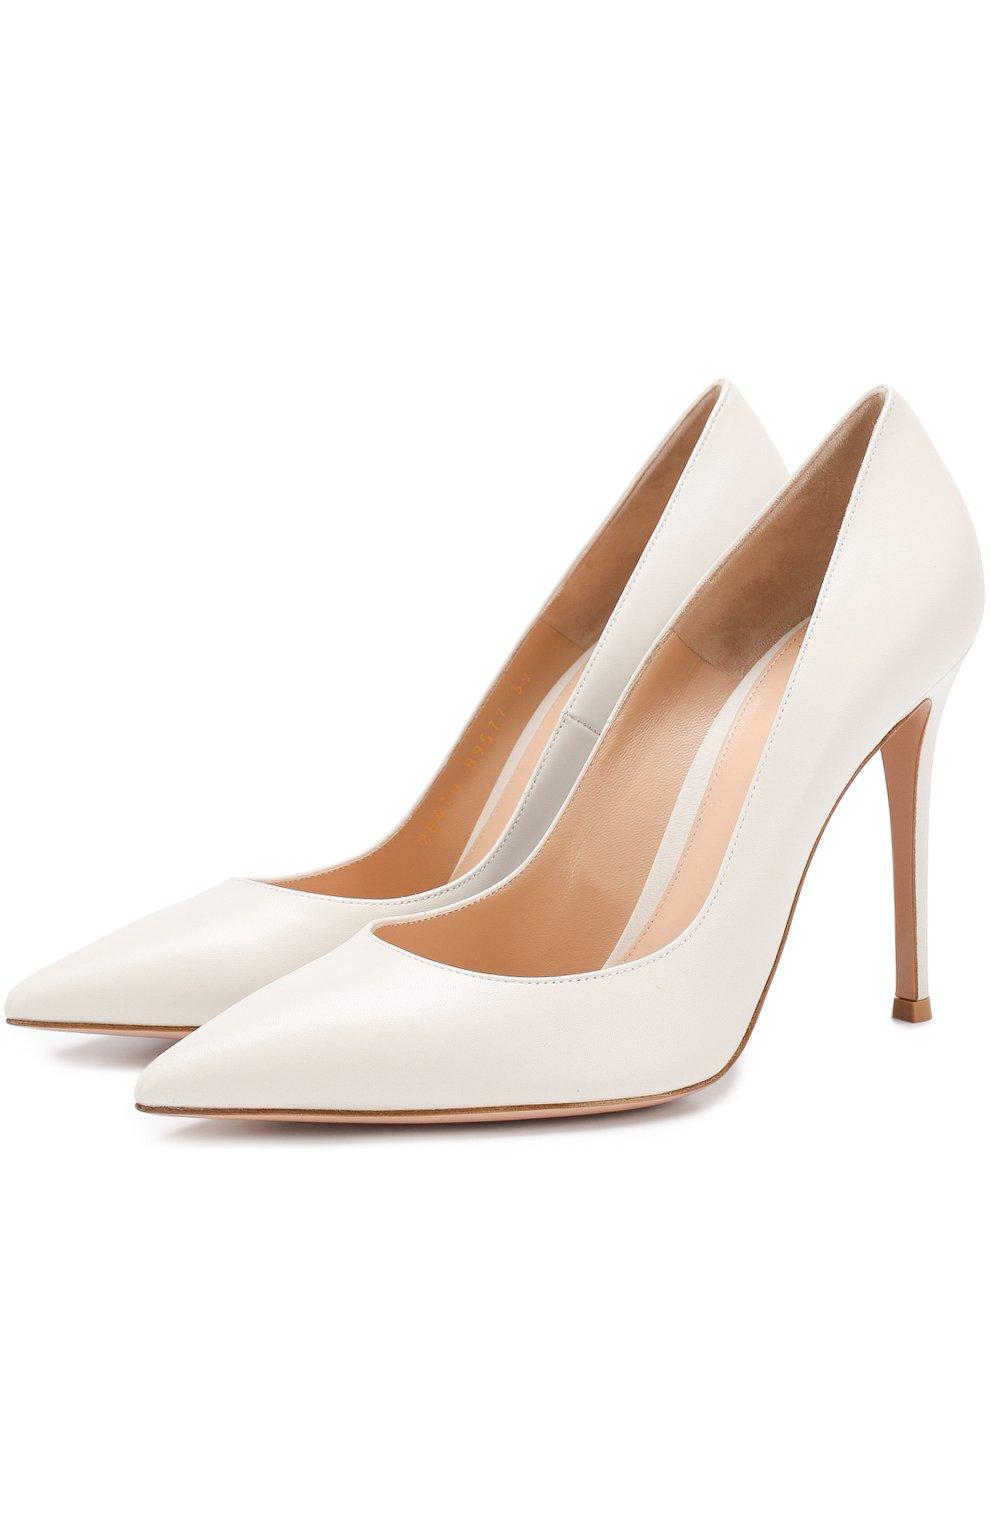 Кожаные туфли Gianvito 105 на шпильке   Фото №1